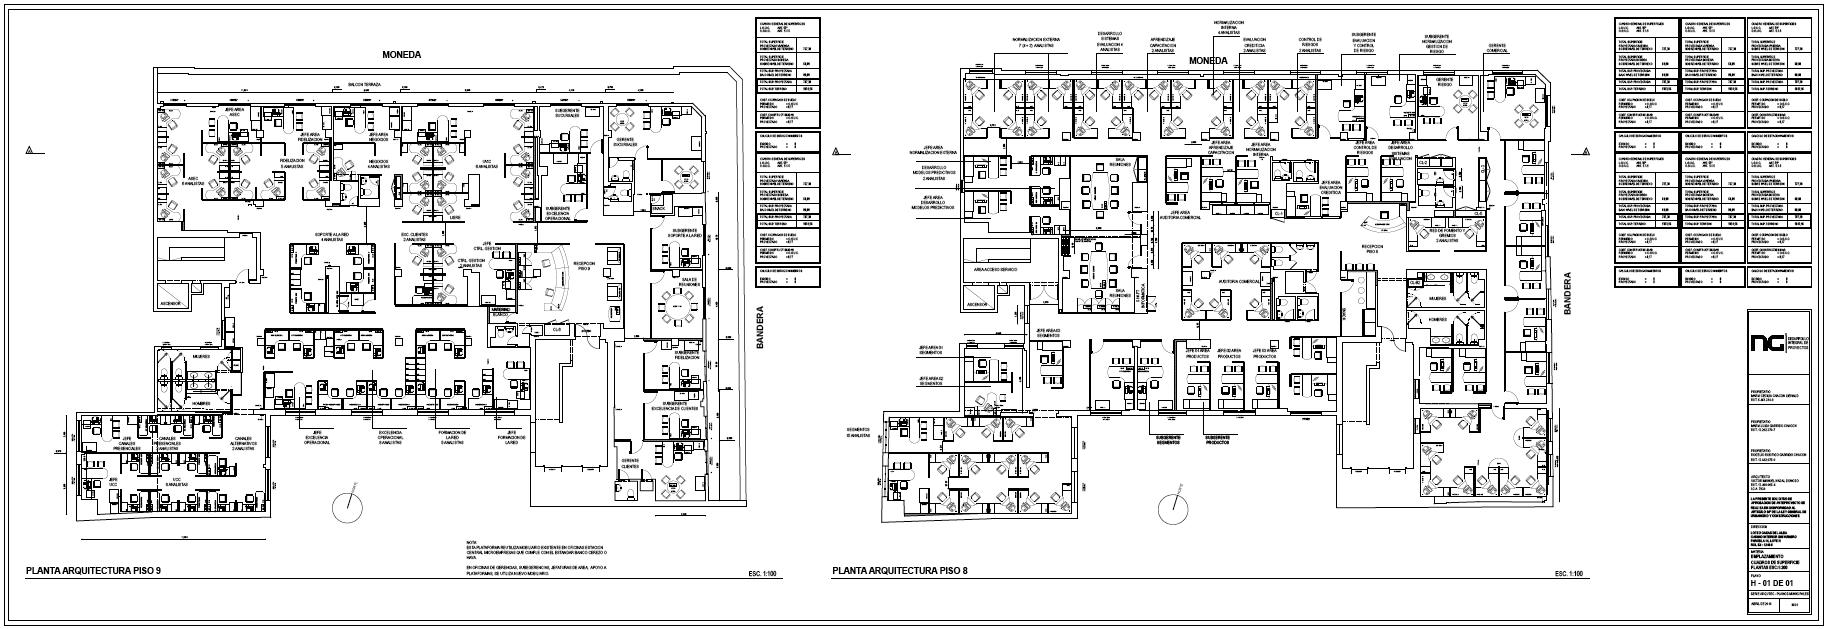 BANDERA 84 / 2.100 m2 Oficinas